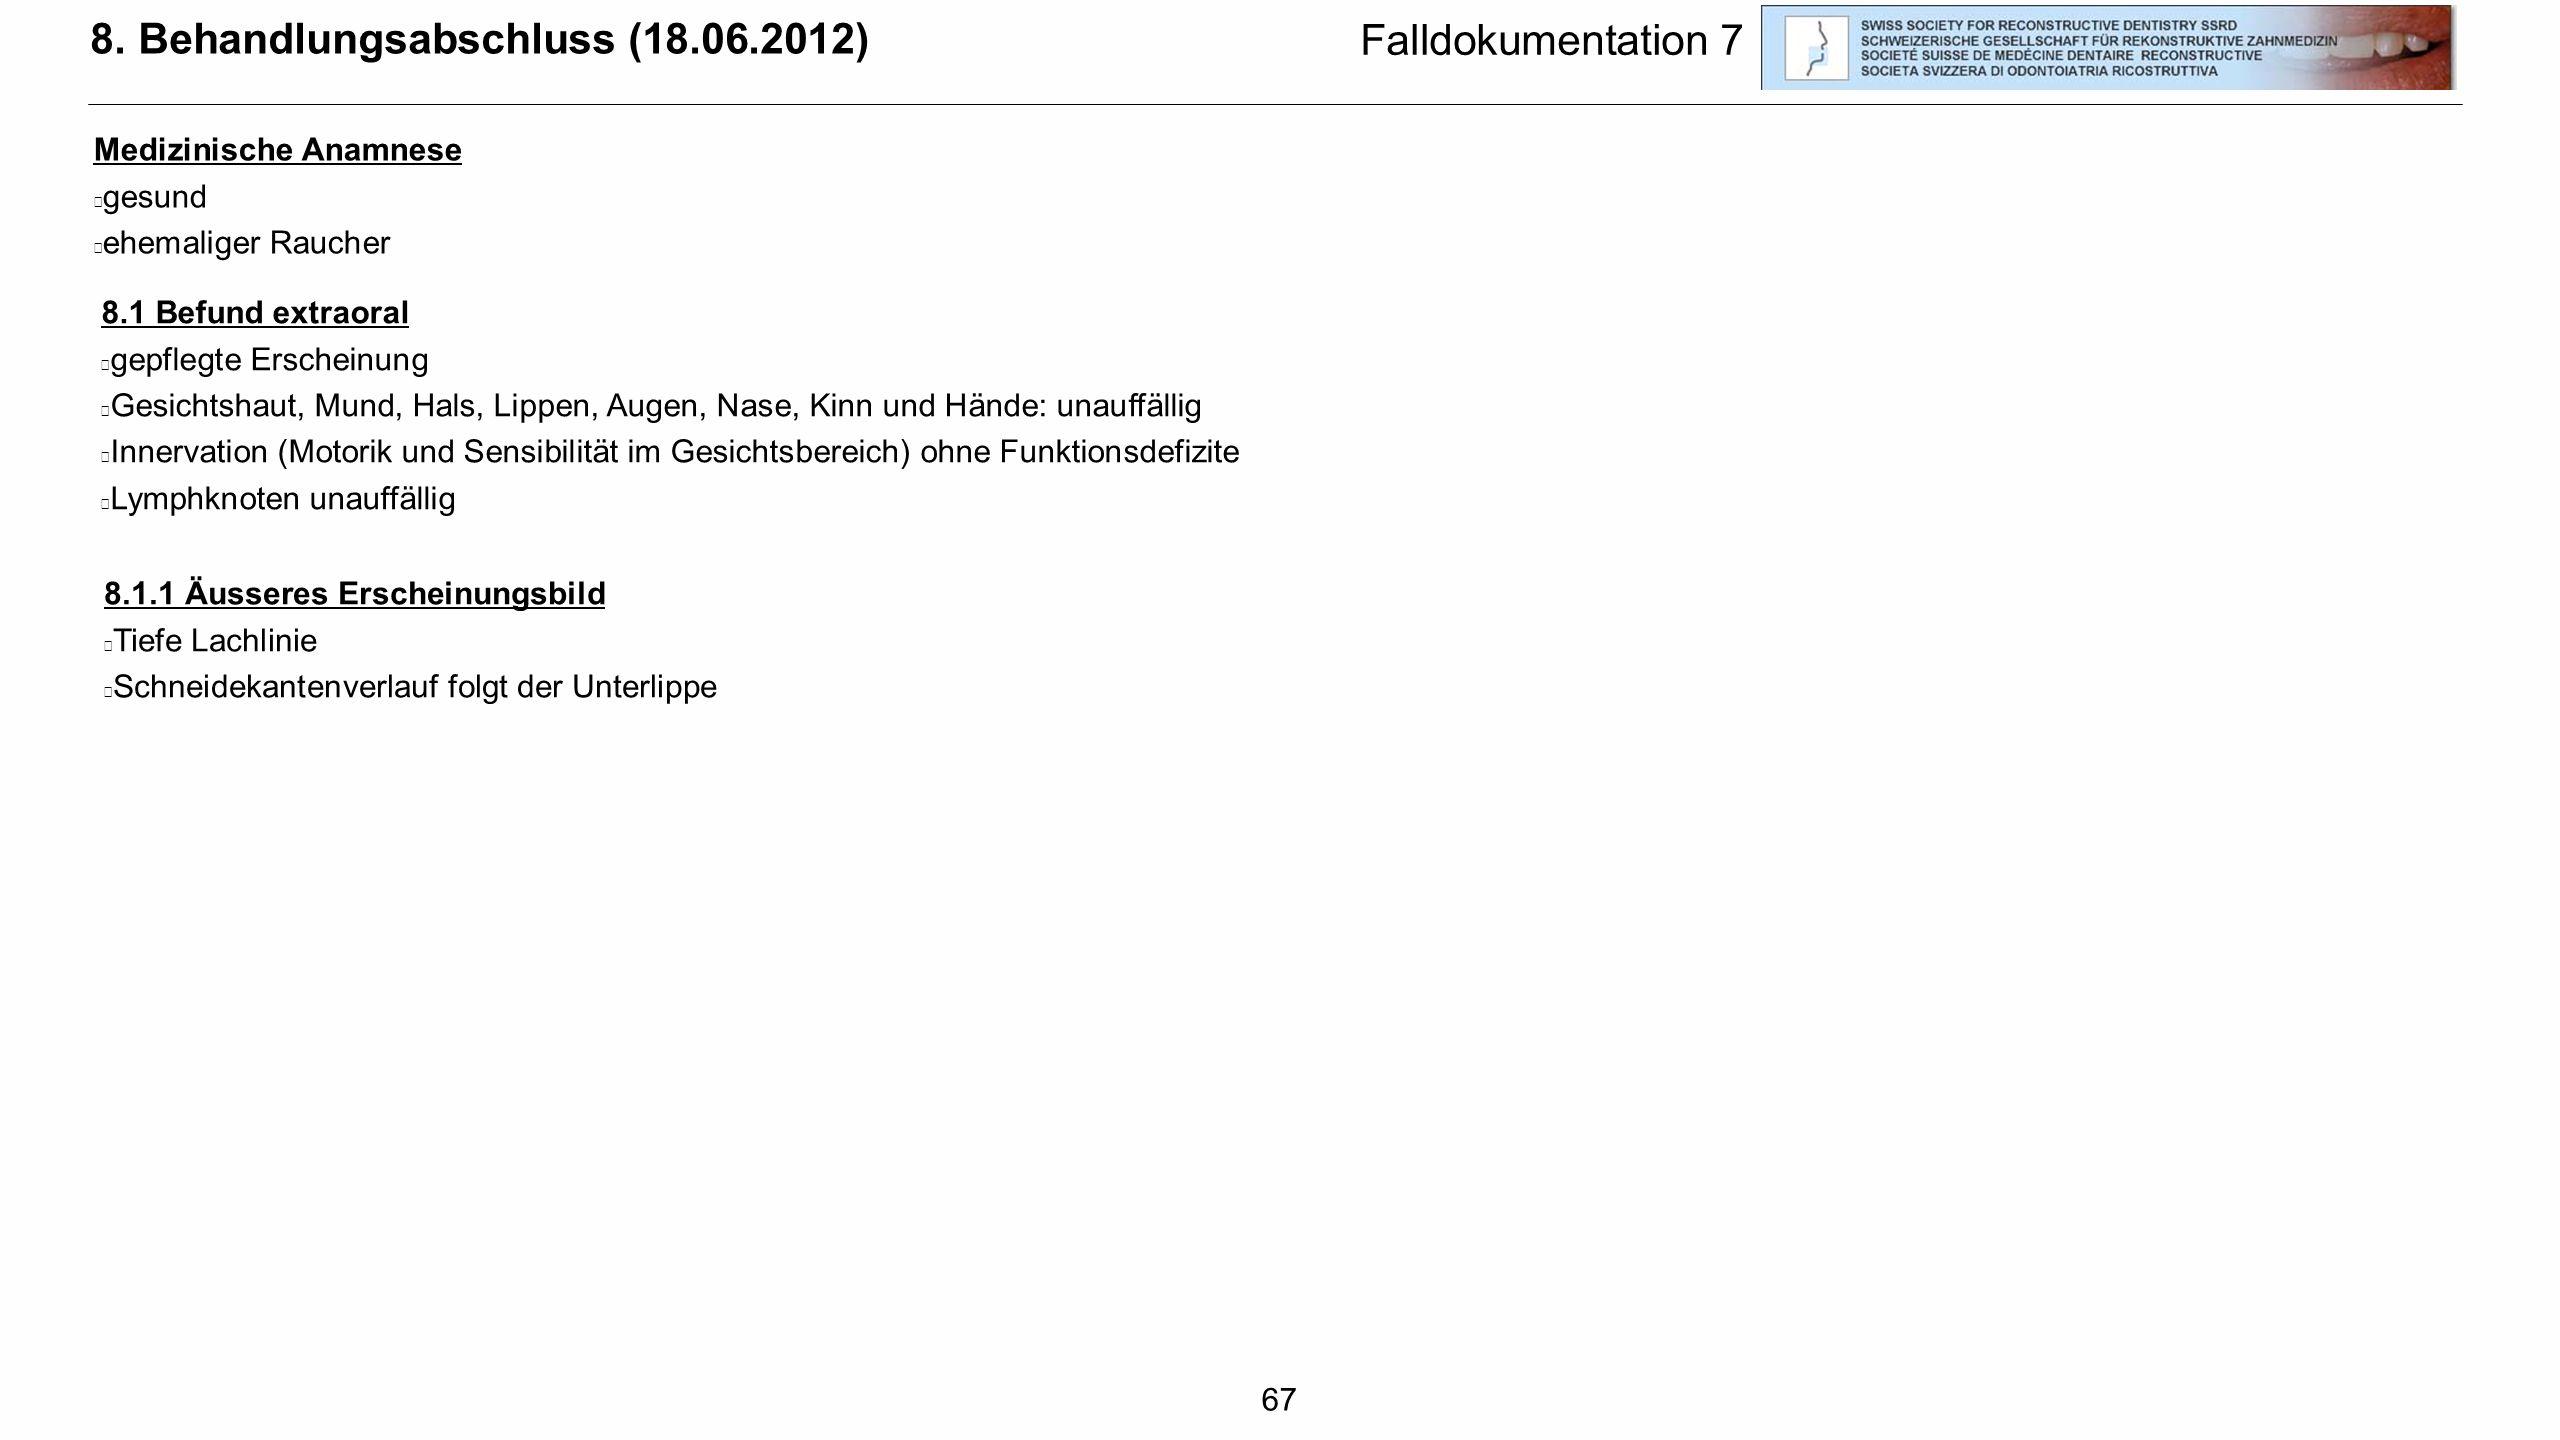 8. Behandlungsabschluss (18.06.2012) Falldokumentation 7